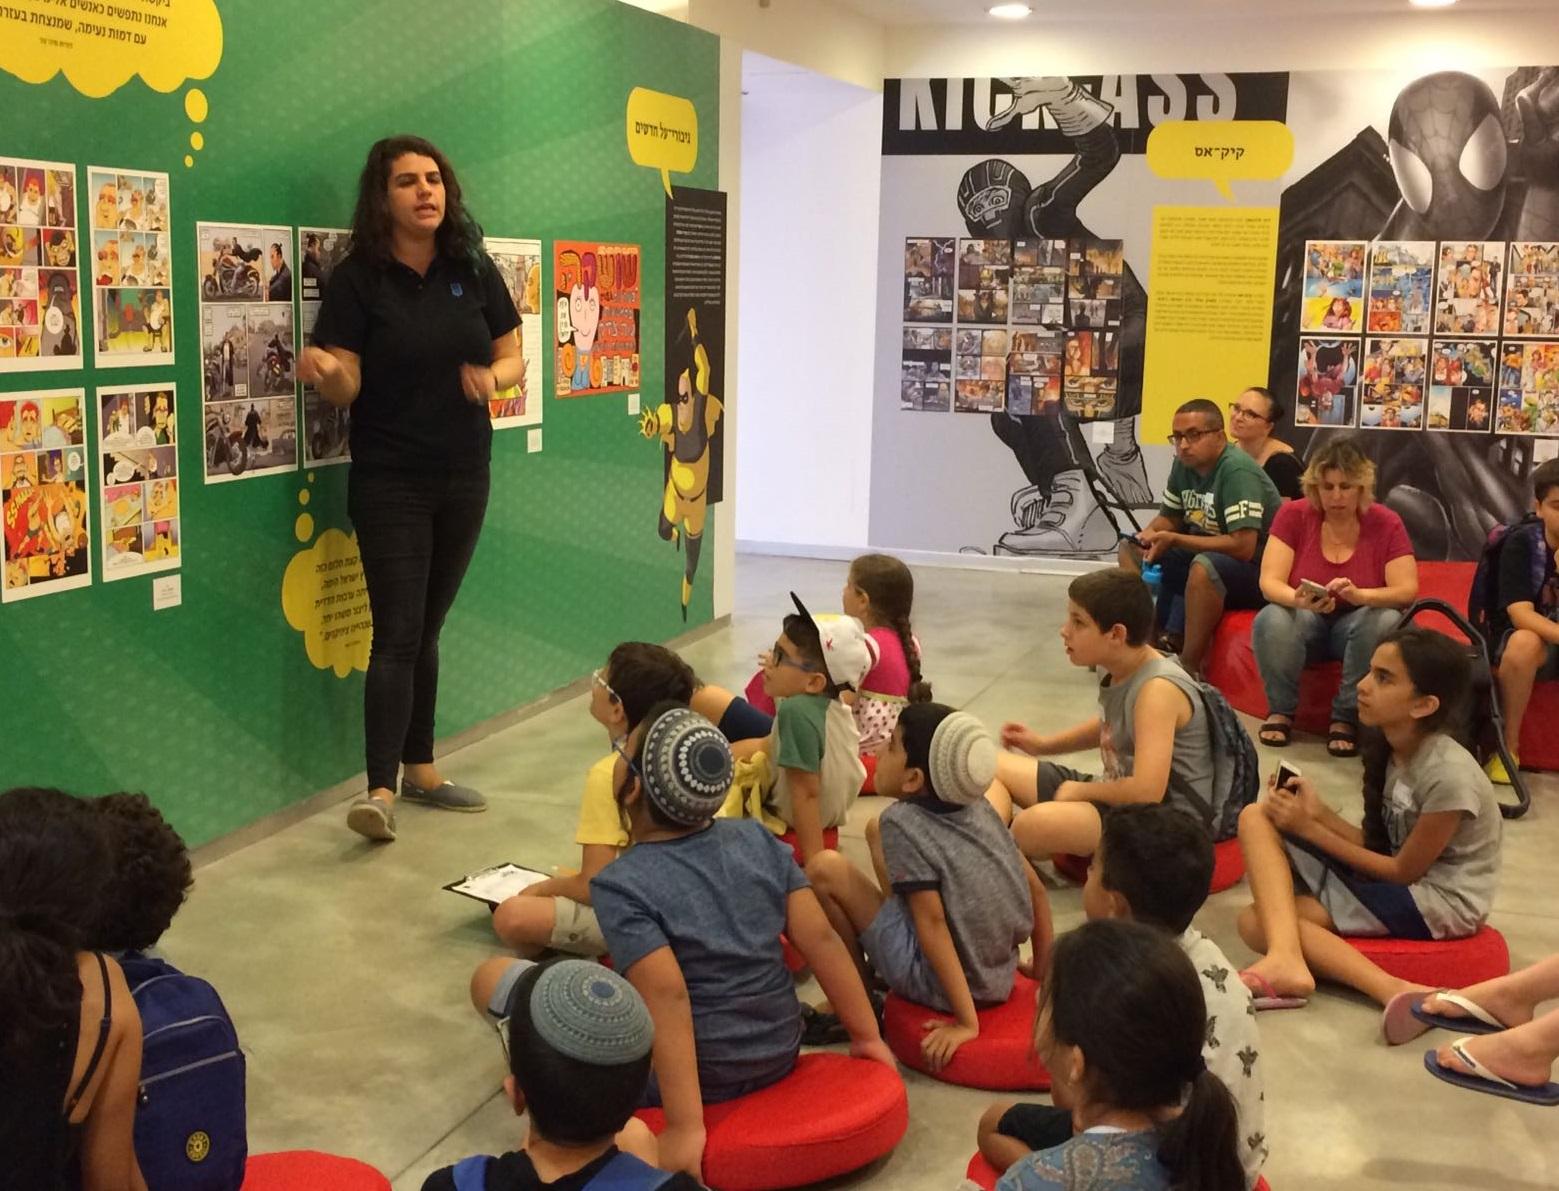 המוזיאון הישראלי לקריקטורות ולקומיקס (צילום: מיכל קורמן) (צילום: מיכל קורמן)